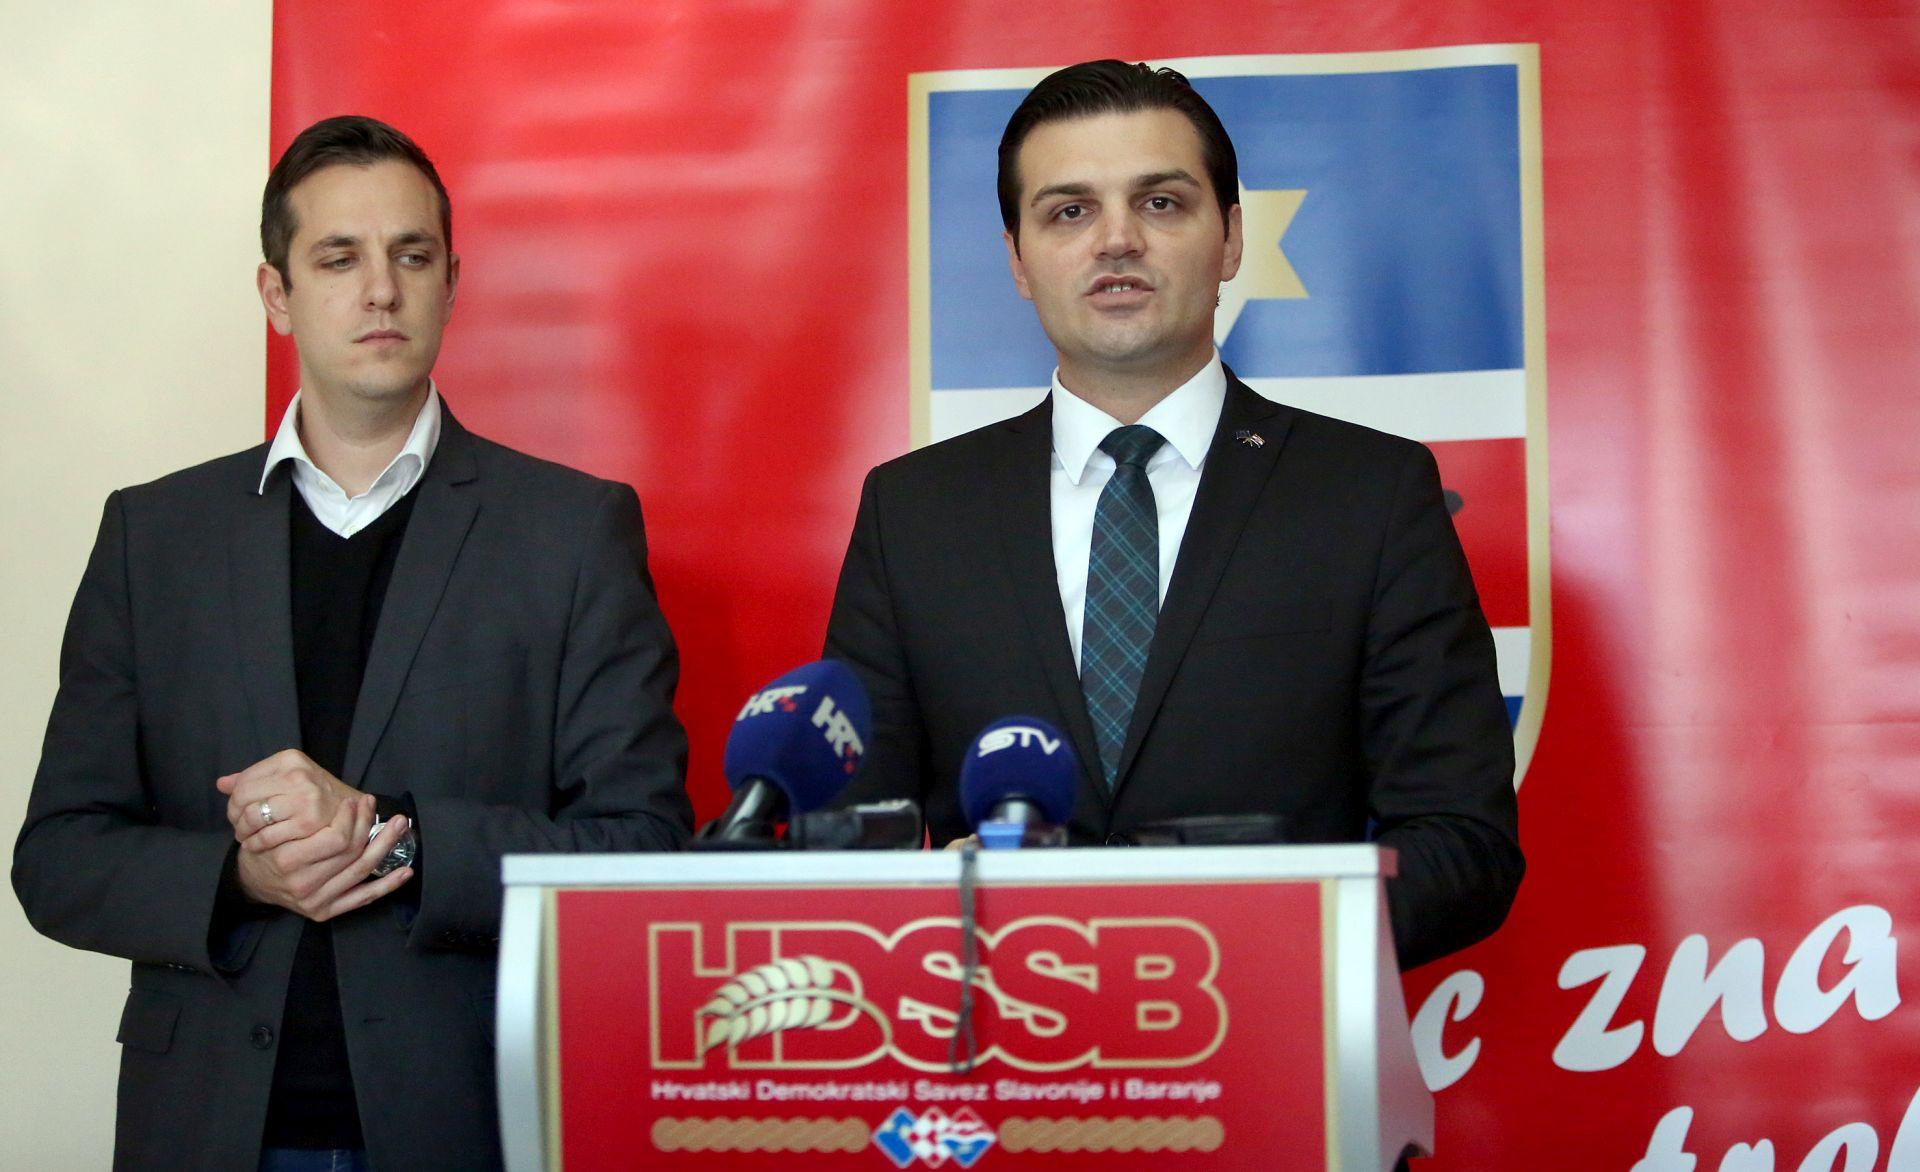 VULIN: Sastanak koji sazivaju Burić i Šišljagić nije Glavni odbor HDSSB-a